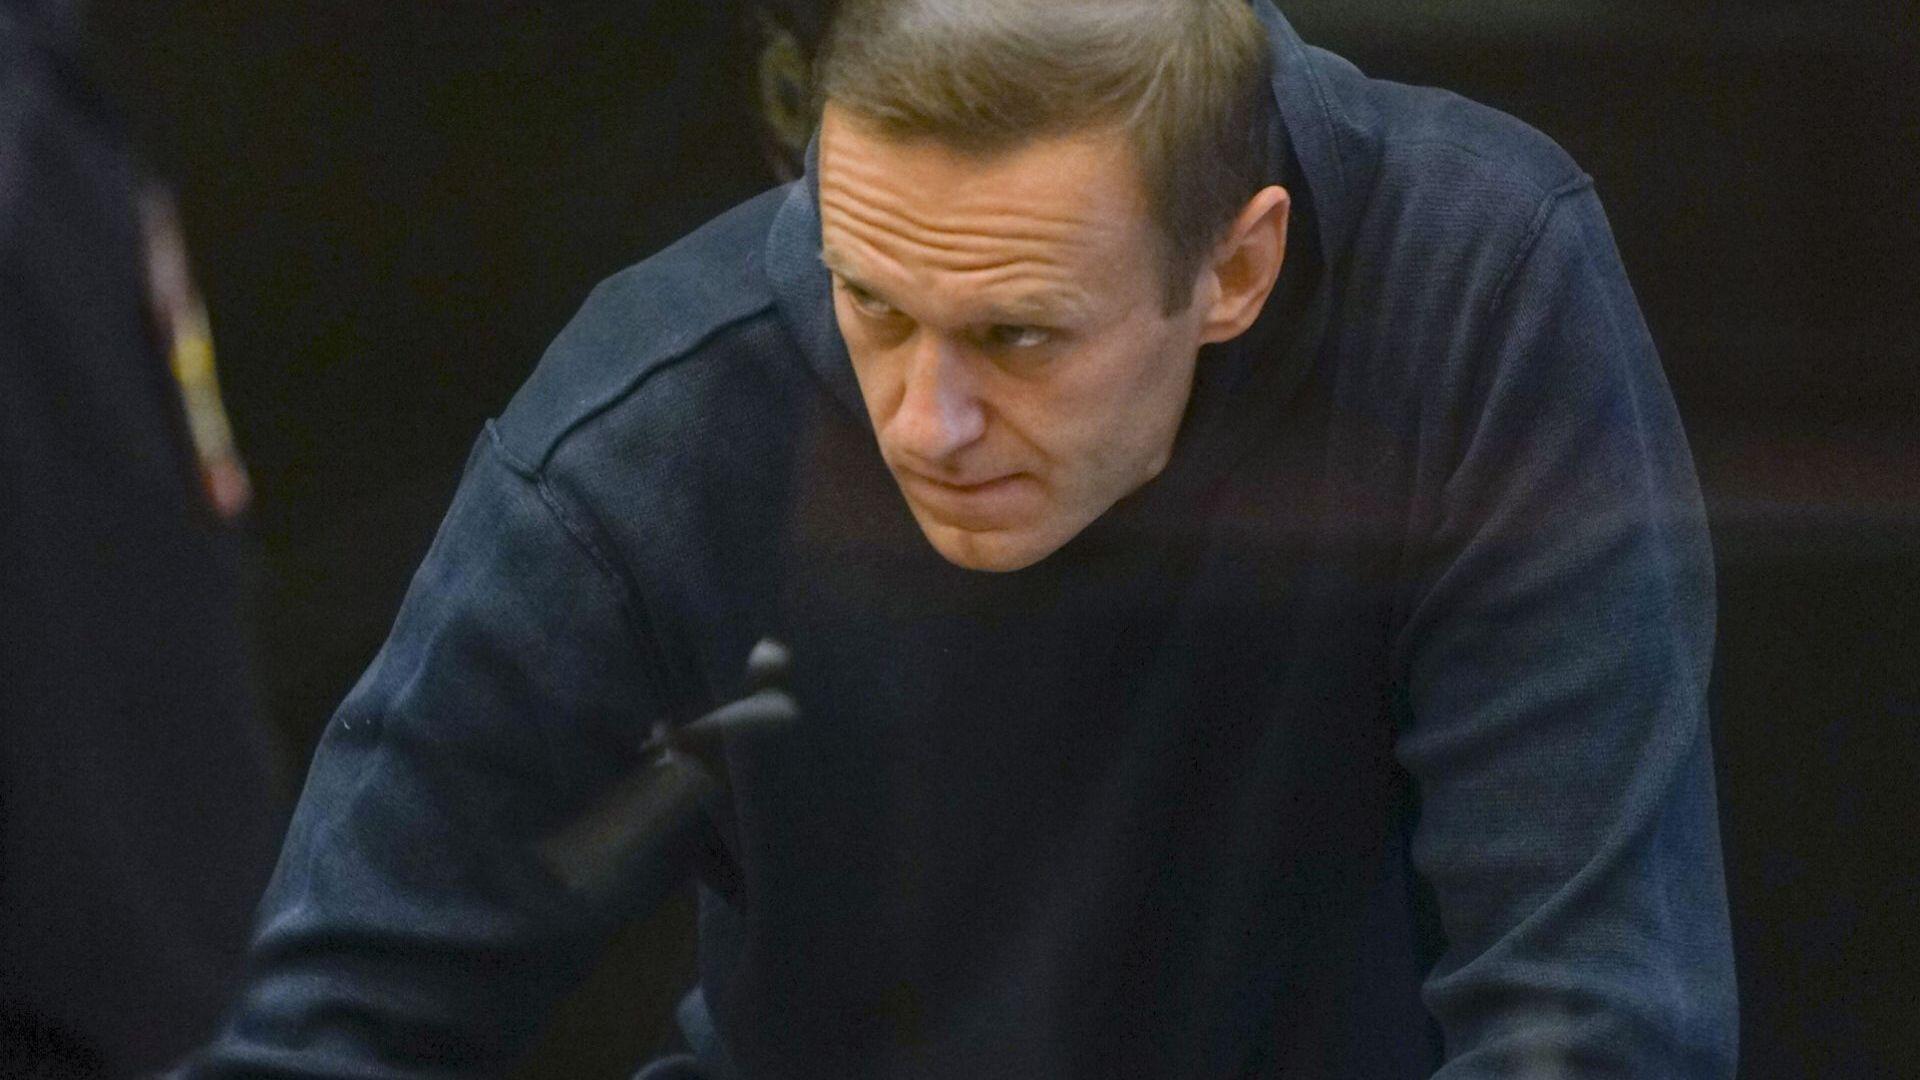 Московски съд гледа ново дело срещу Алексей Навални - този път за клевета